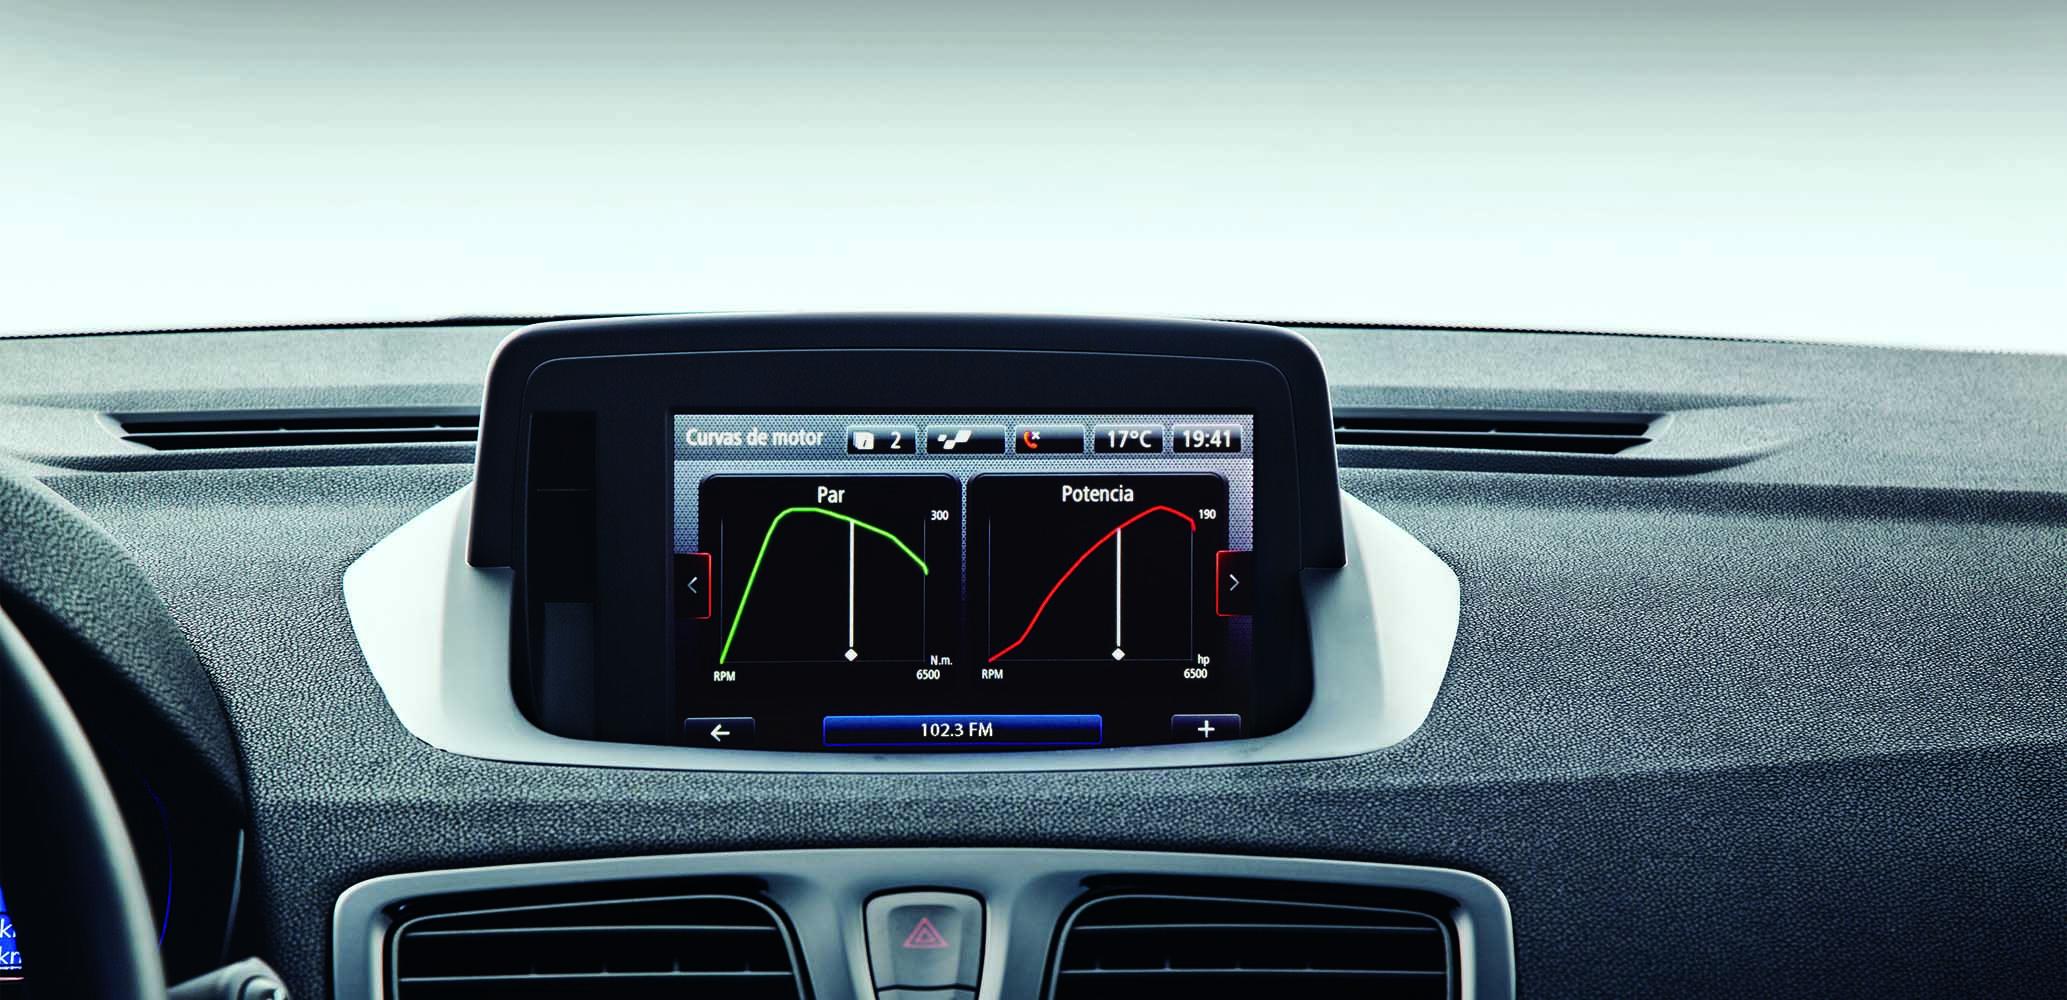 R.S.+Monitor+ +Curvas+Motor.jpg.+Monitor+ +Curvas+Motor